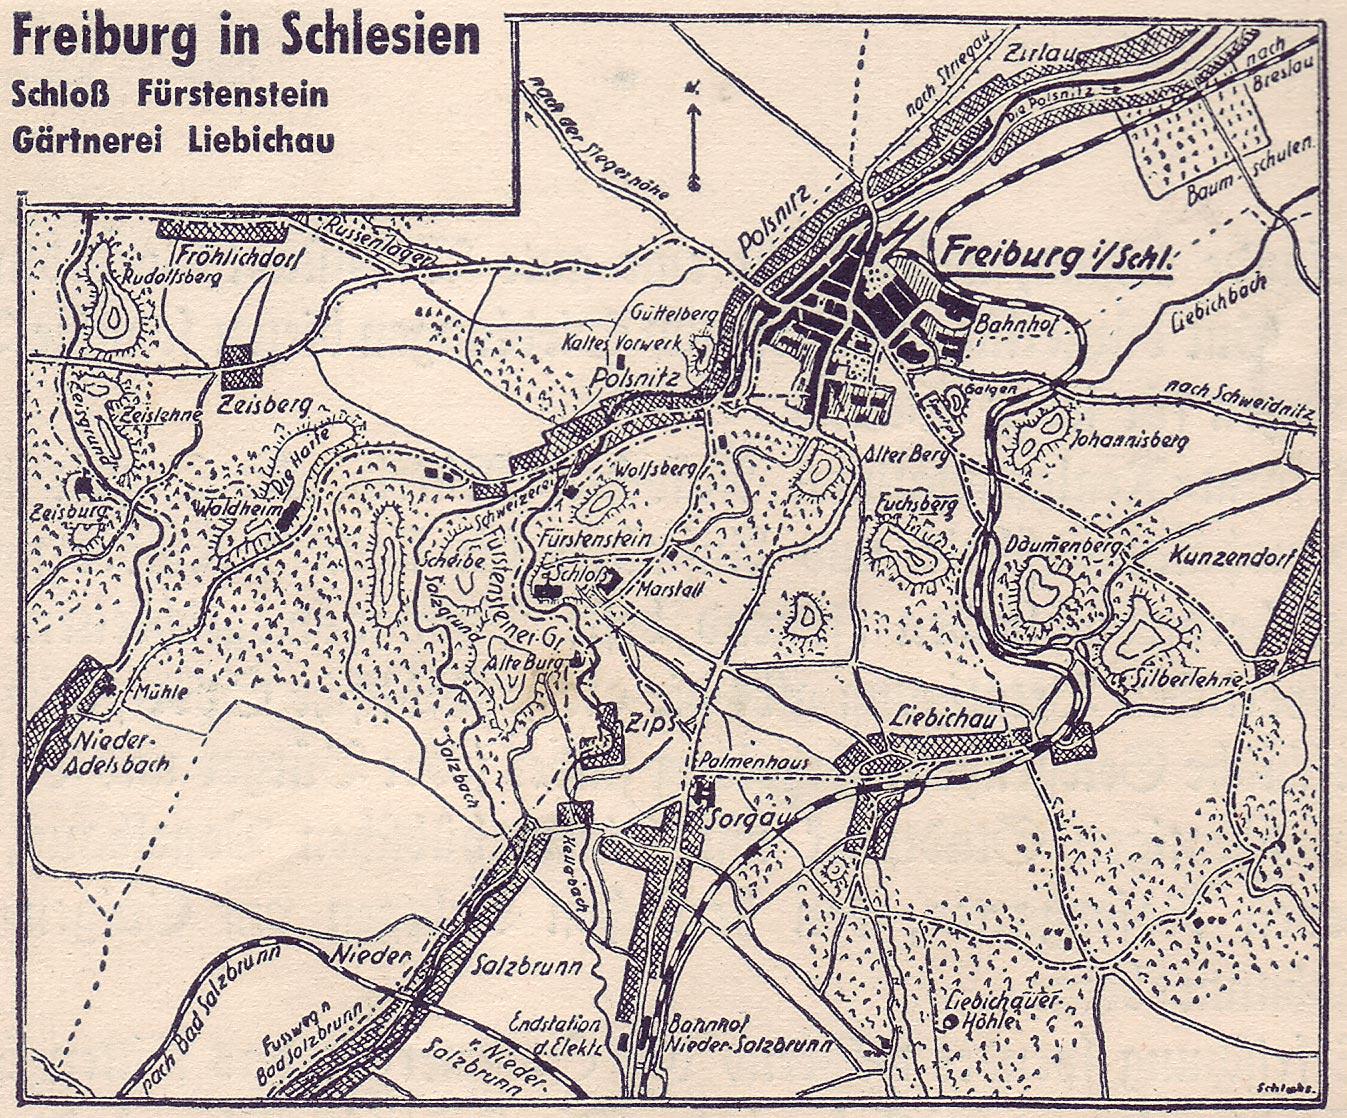 Freiburg Karte.Freiburg Schlesien Karte